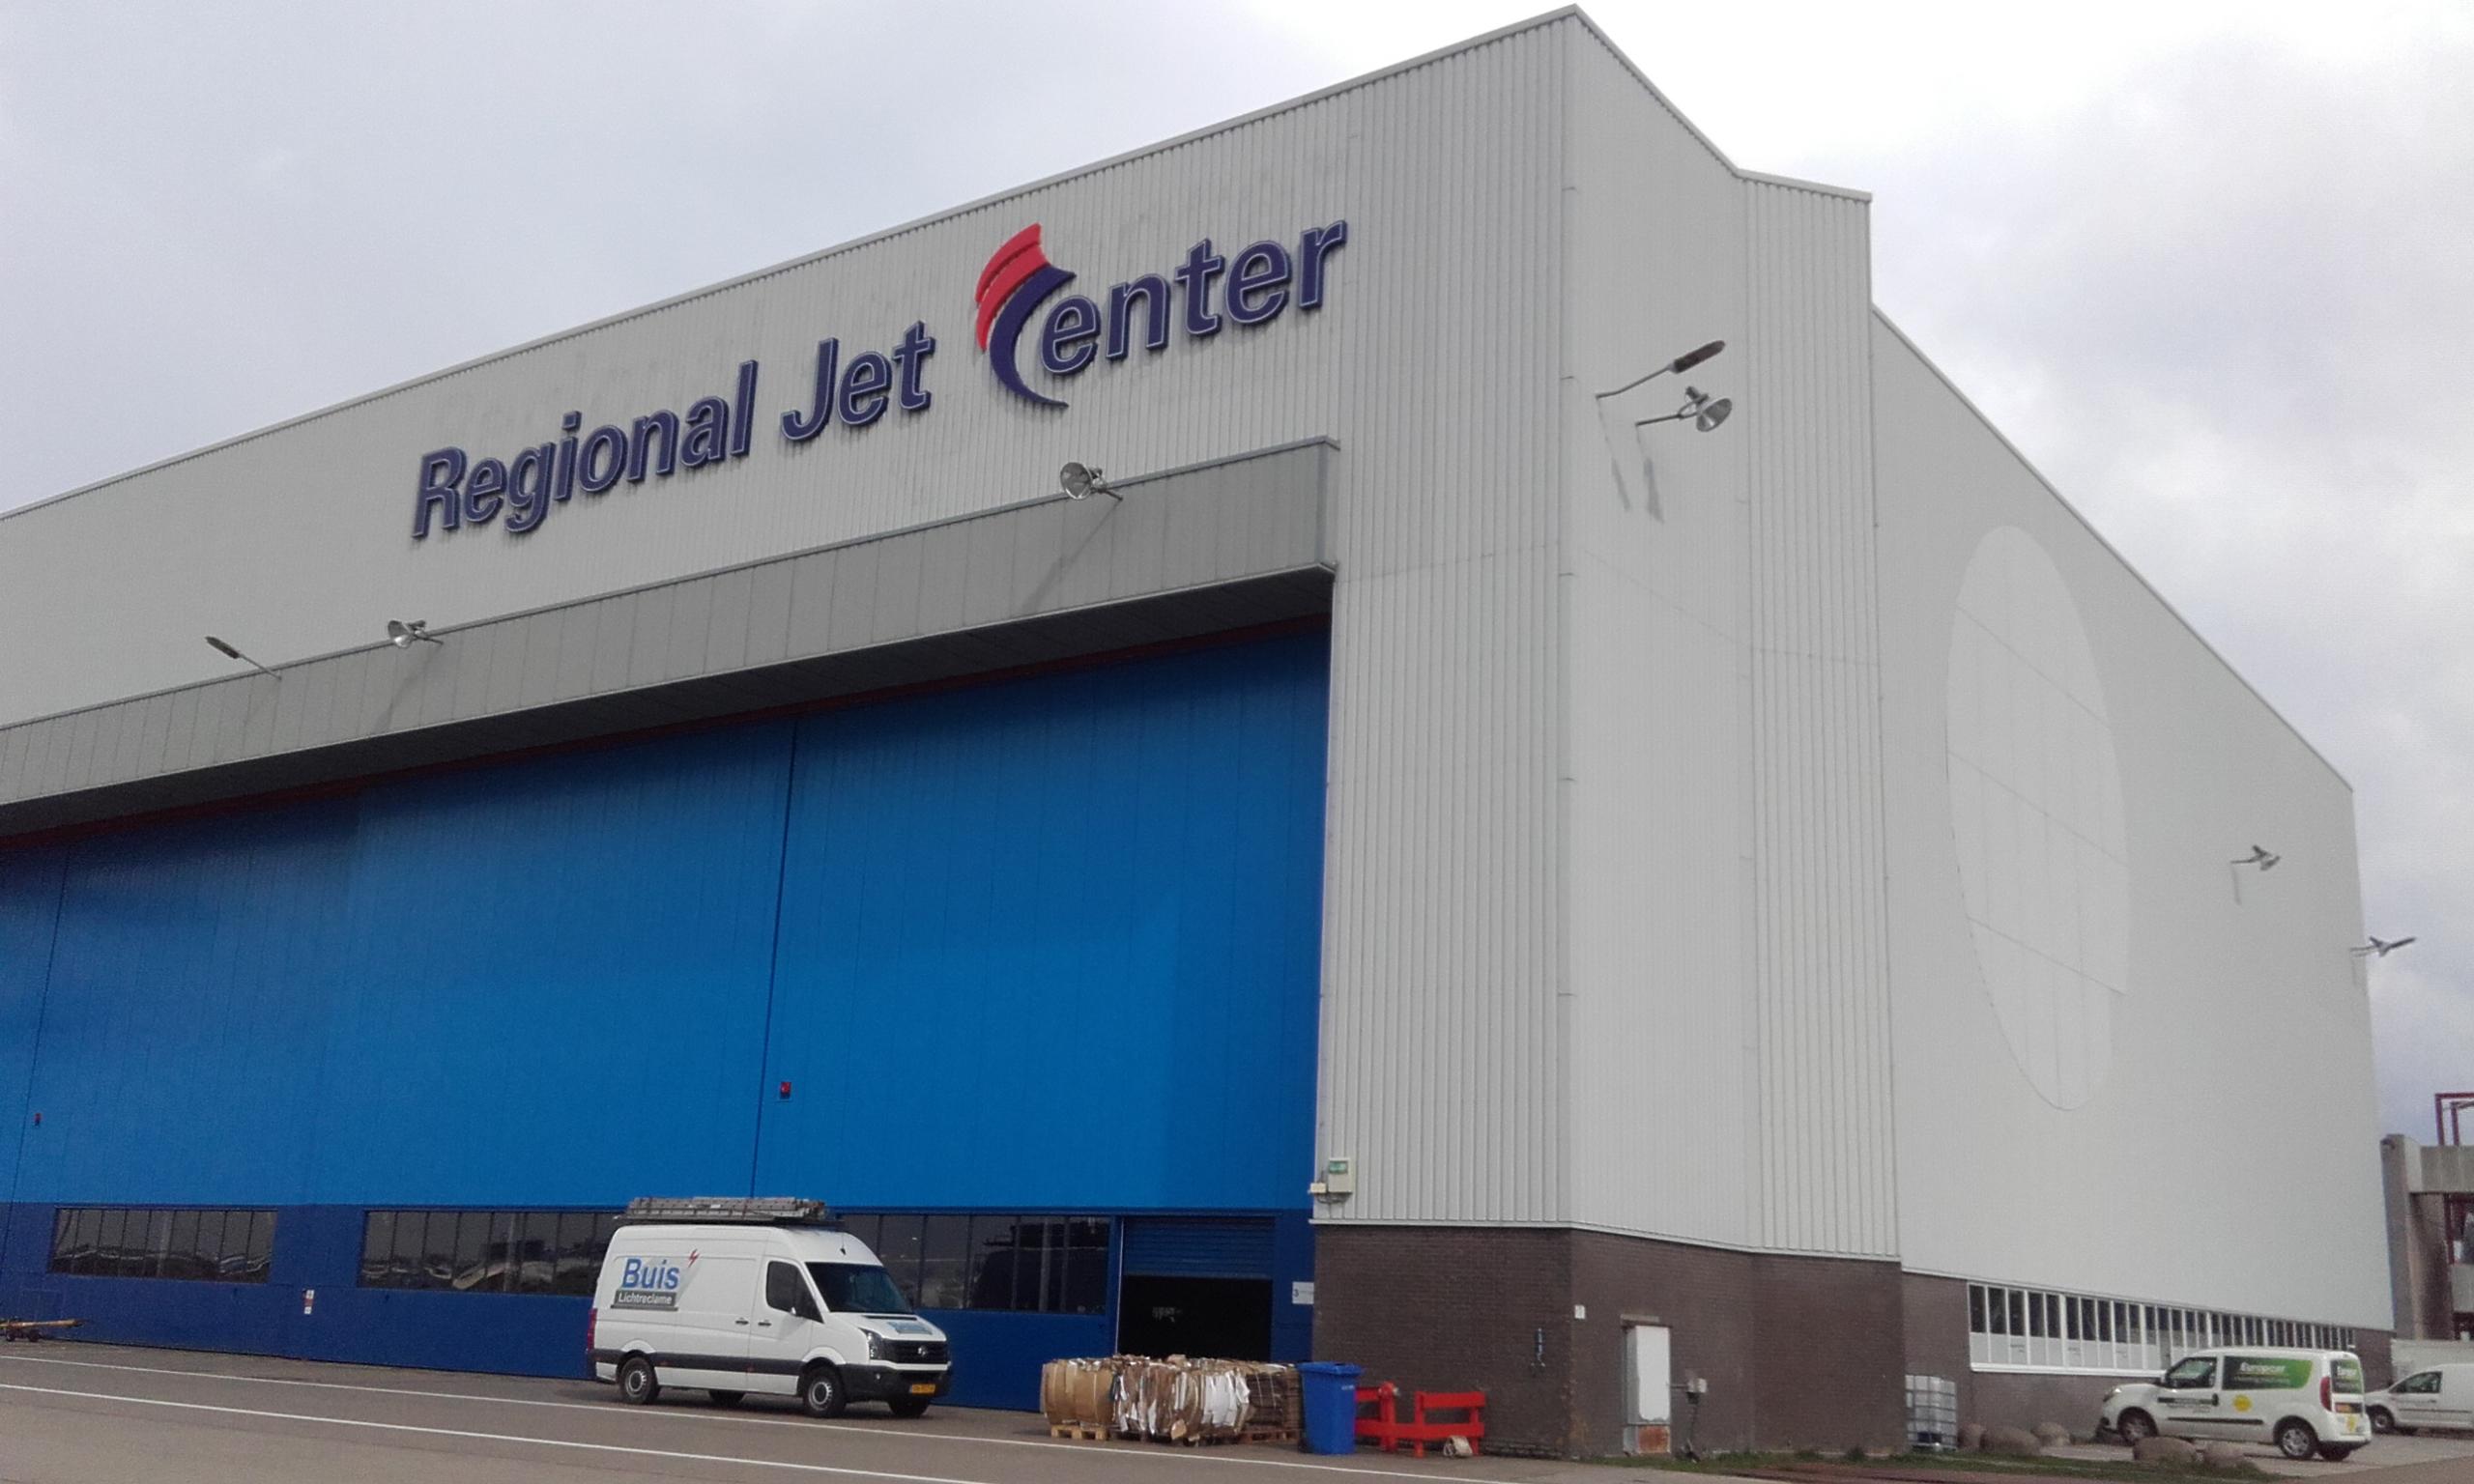 Regional Jet Center